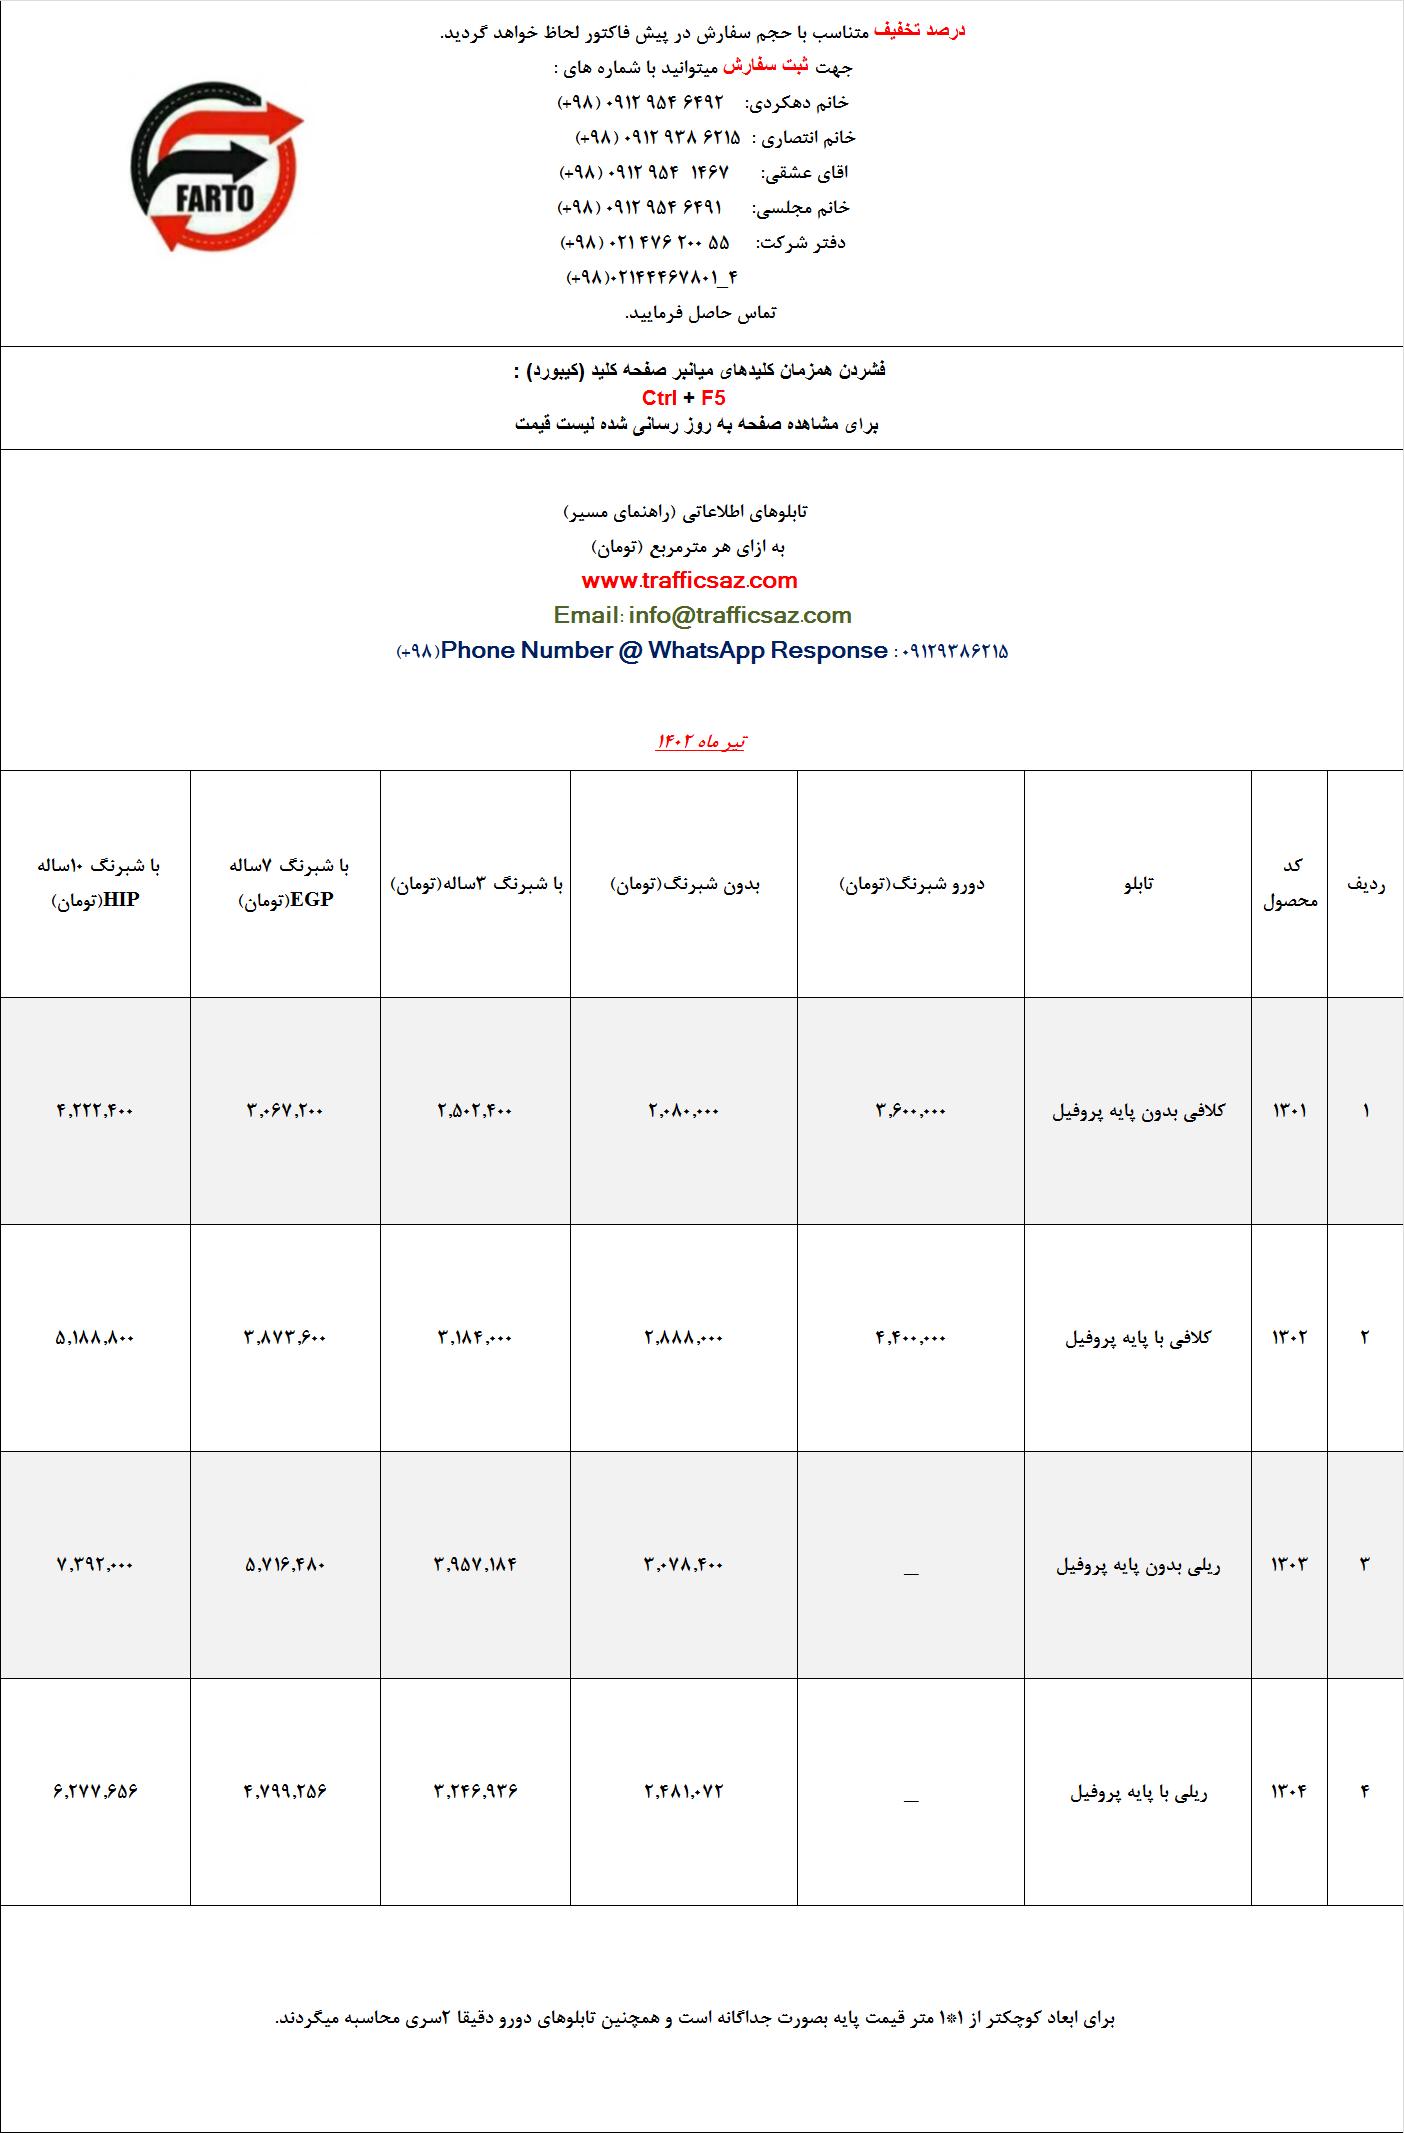 لیست قیمت تابلوی راهنمای مسیر | خرید تابلوهای اطلاعاتی